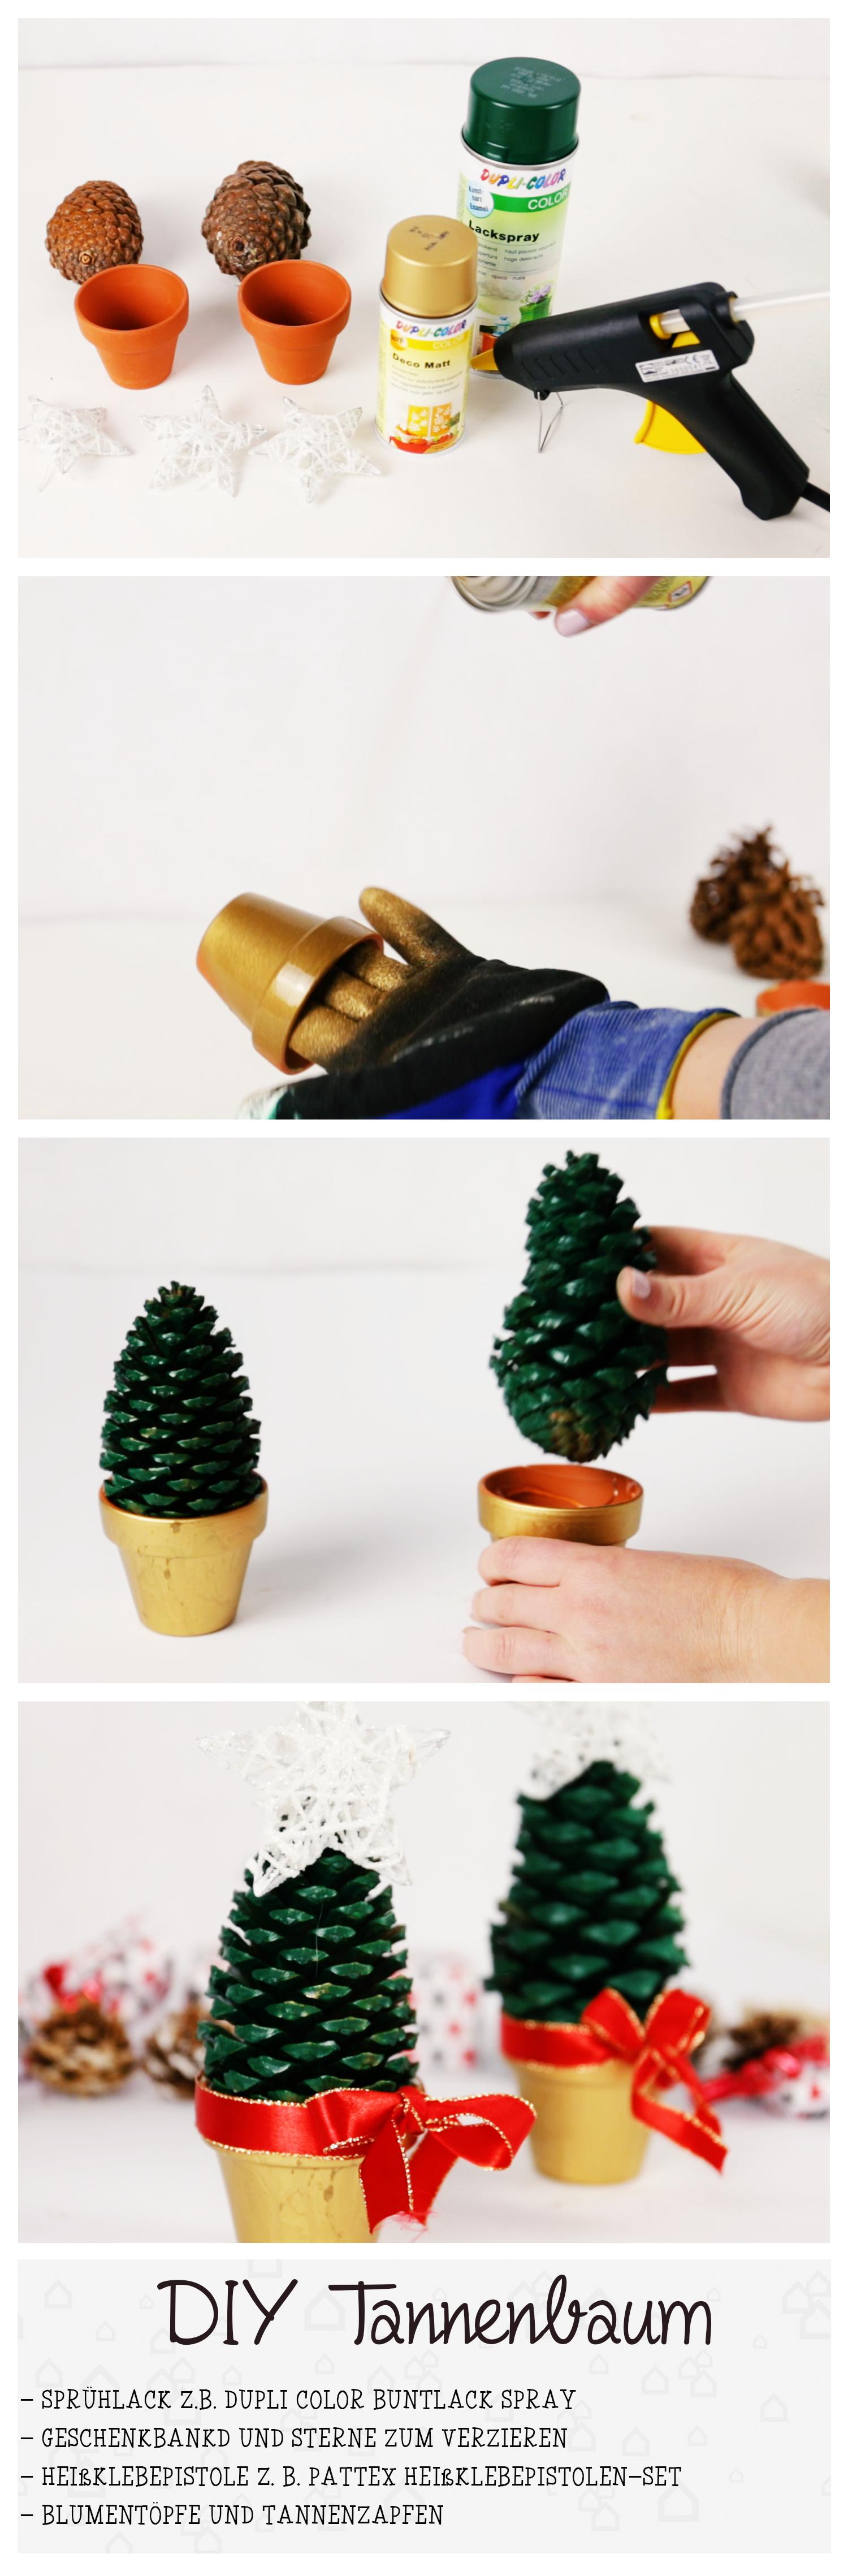 pin von bauhaus deutschland auf weihnachten pinterest weihnachten weihnachtsdekoration und. Black Bedroom Furniture Sets. Home Design Ideas